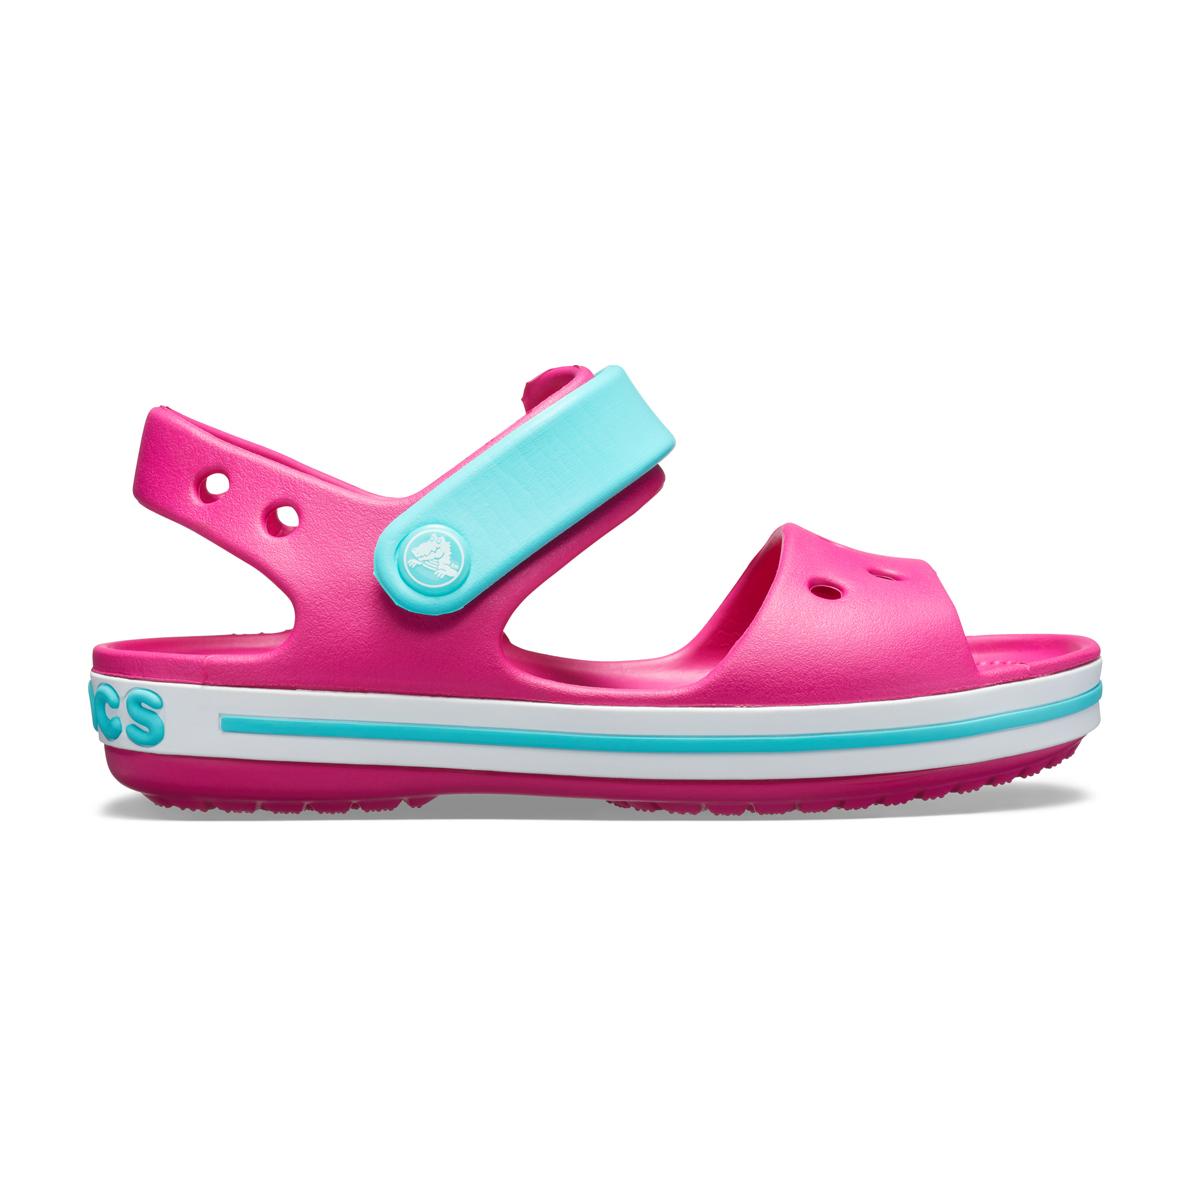 Crocs Crocband Sandal Kids - Şeker Pembesi/Havuz